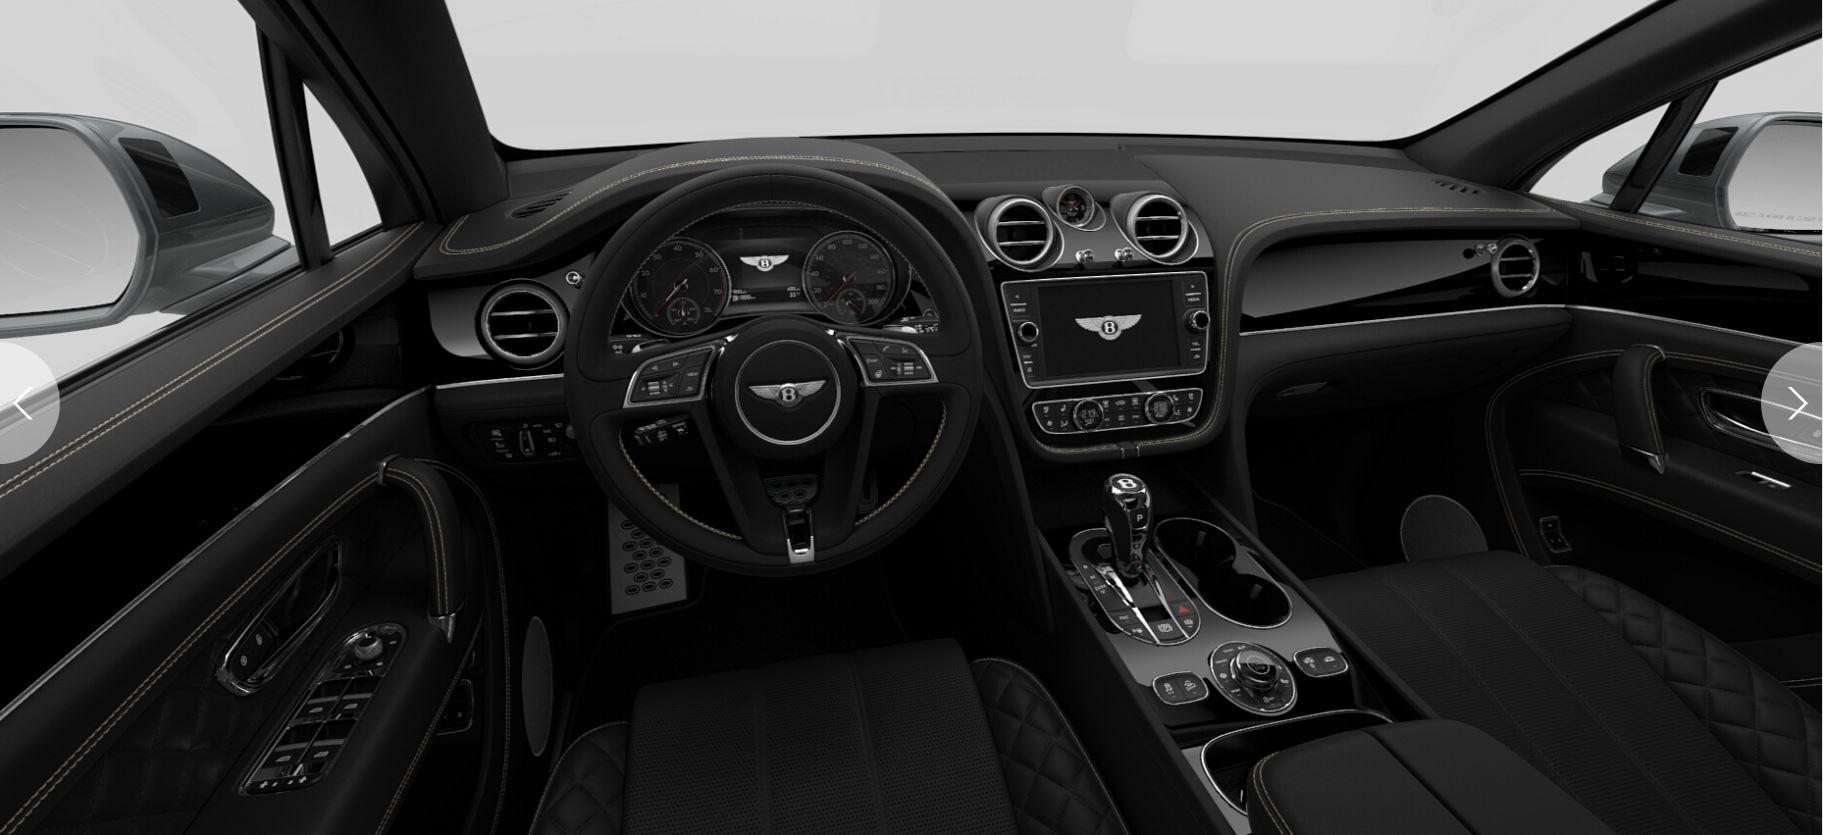 Used 2018 Bentley Bentayga Signature For Sale In Westport, CT 2094_p6